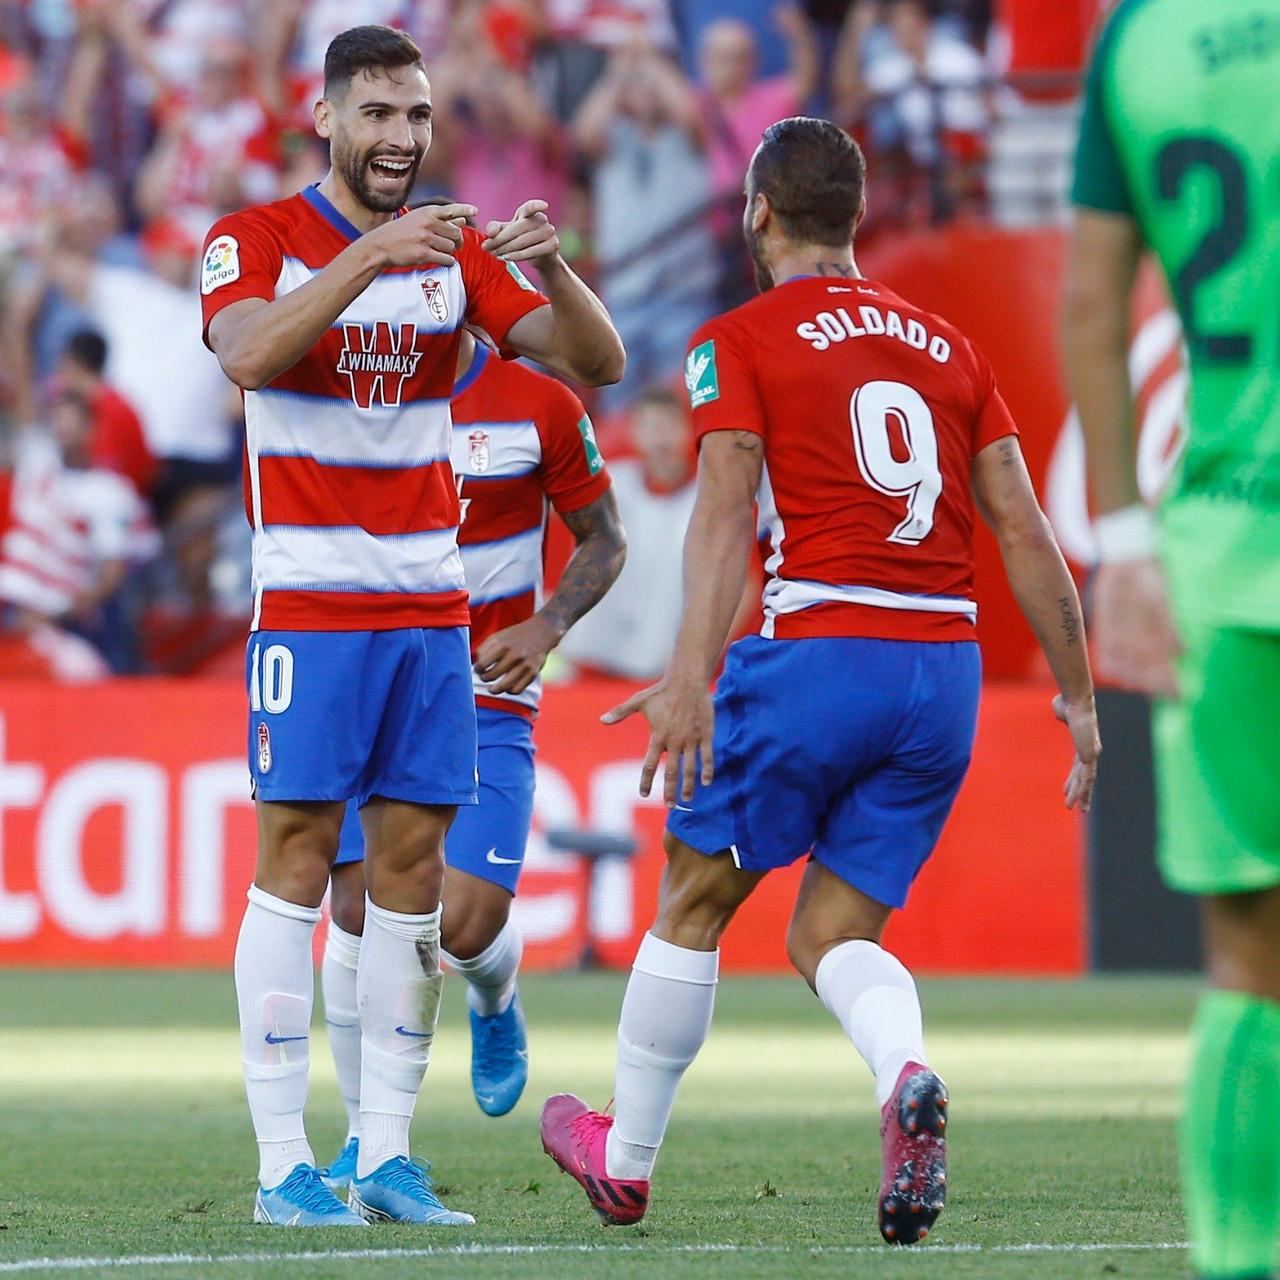 El Granada suma tres puntos de oro frente a un laborioso Leganés